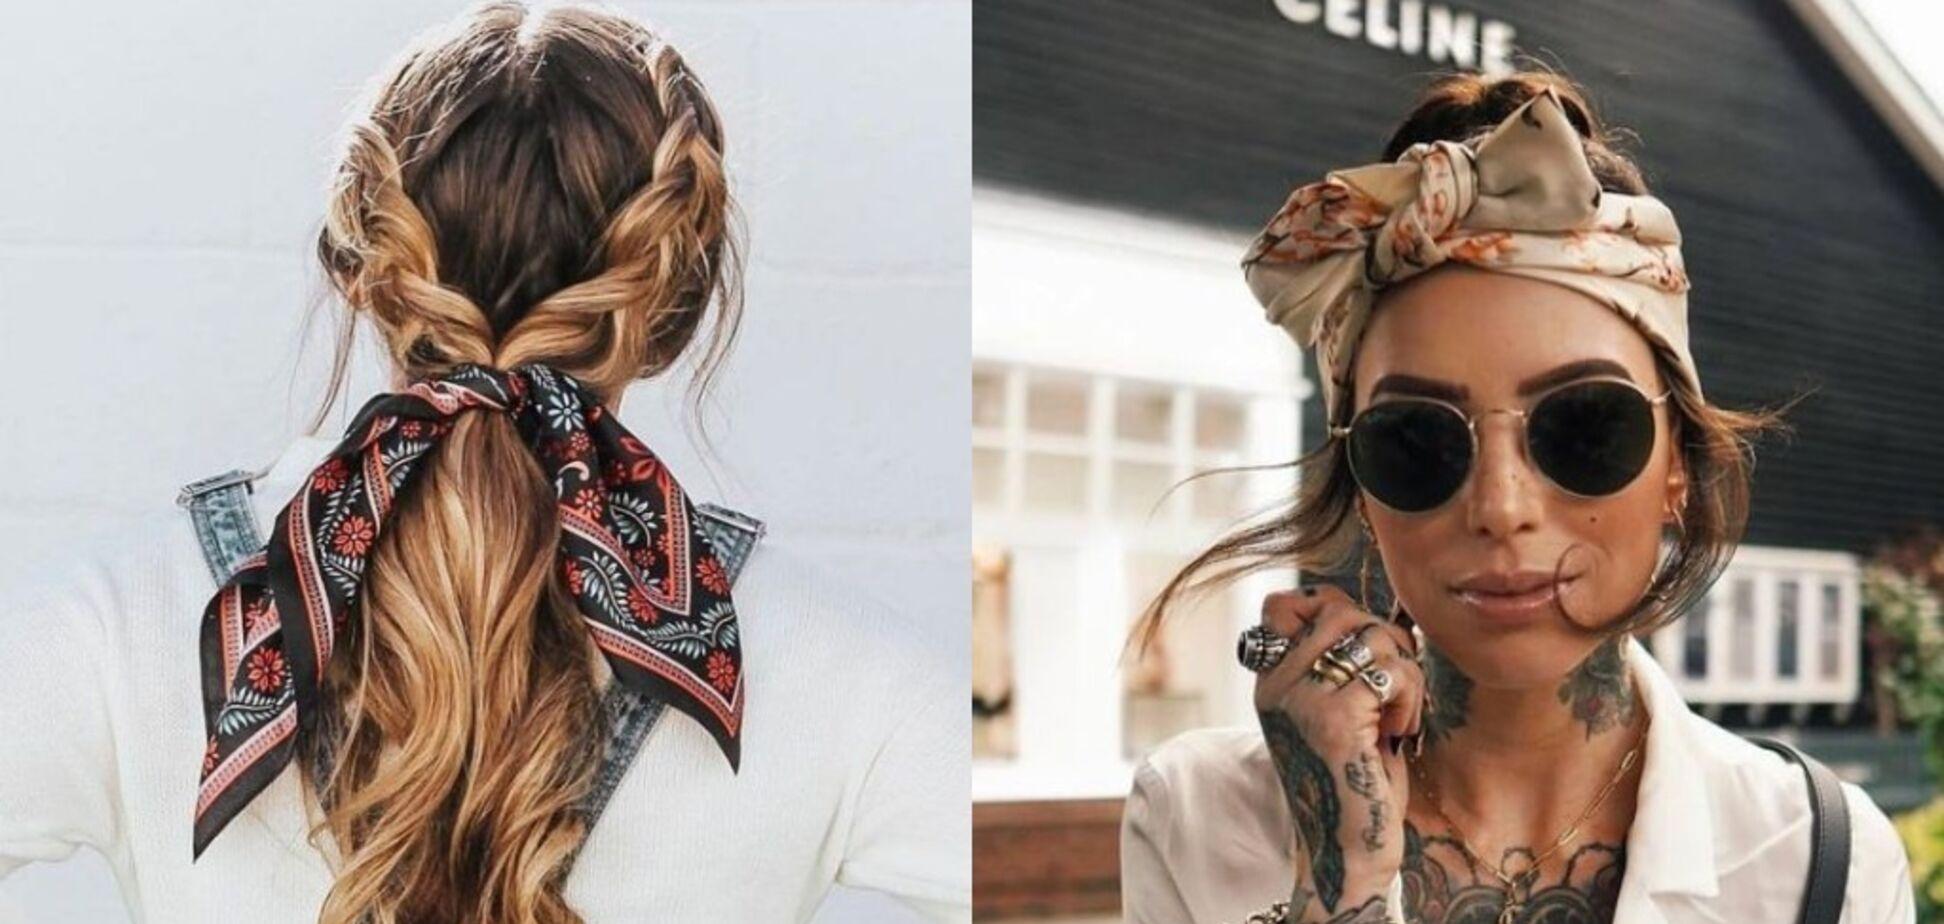 Зачіски з хусткою стали трендом осені 2020: наймодніші варіанти. Фото